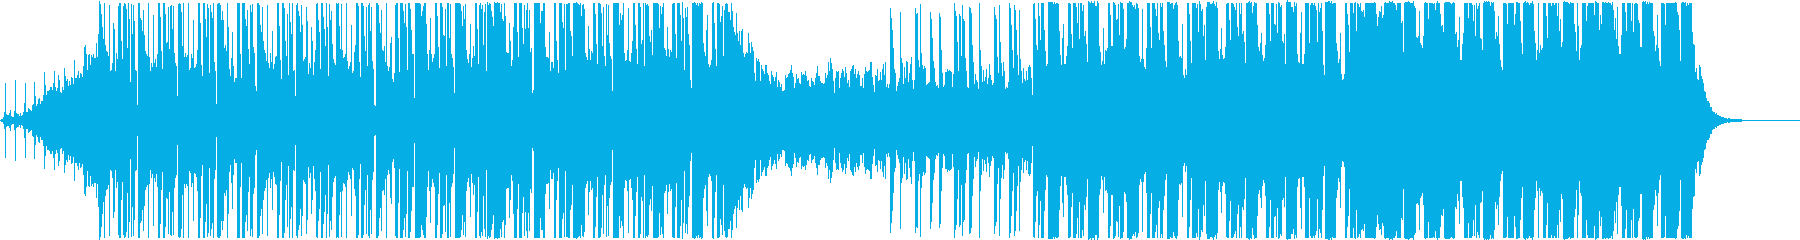 クールでかっこいいEDM風の曲、CM等にの再生済みの波形